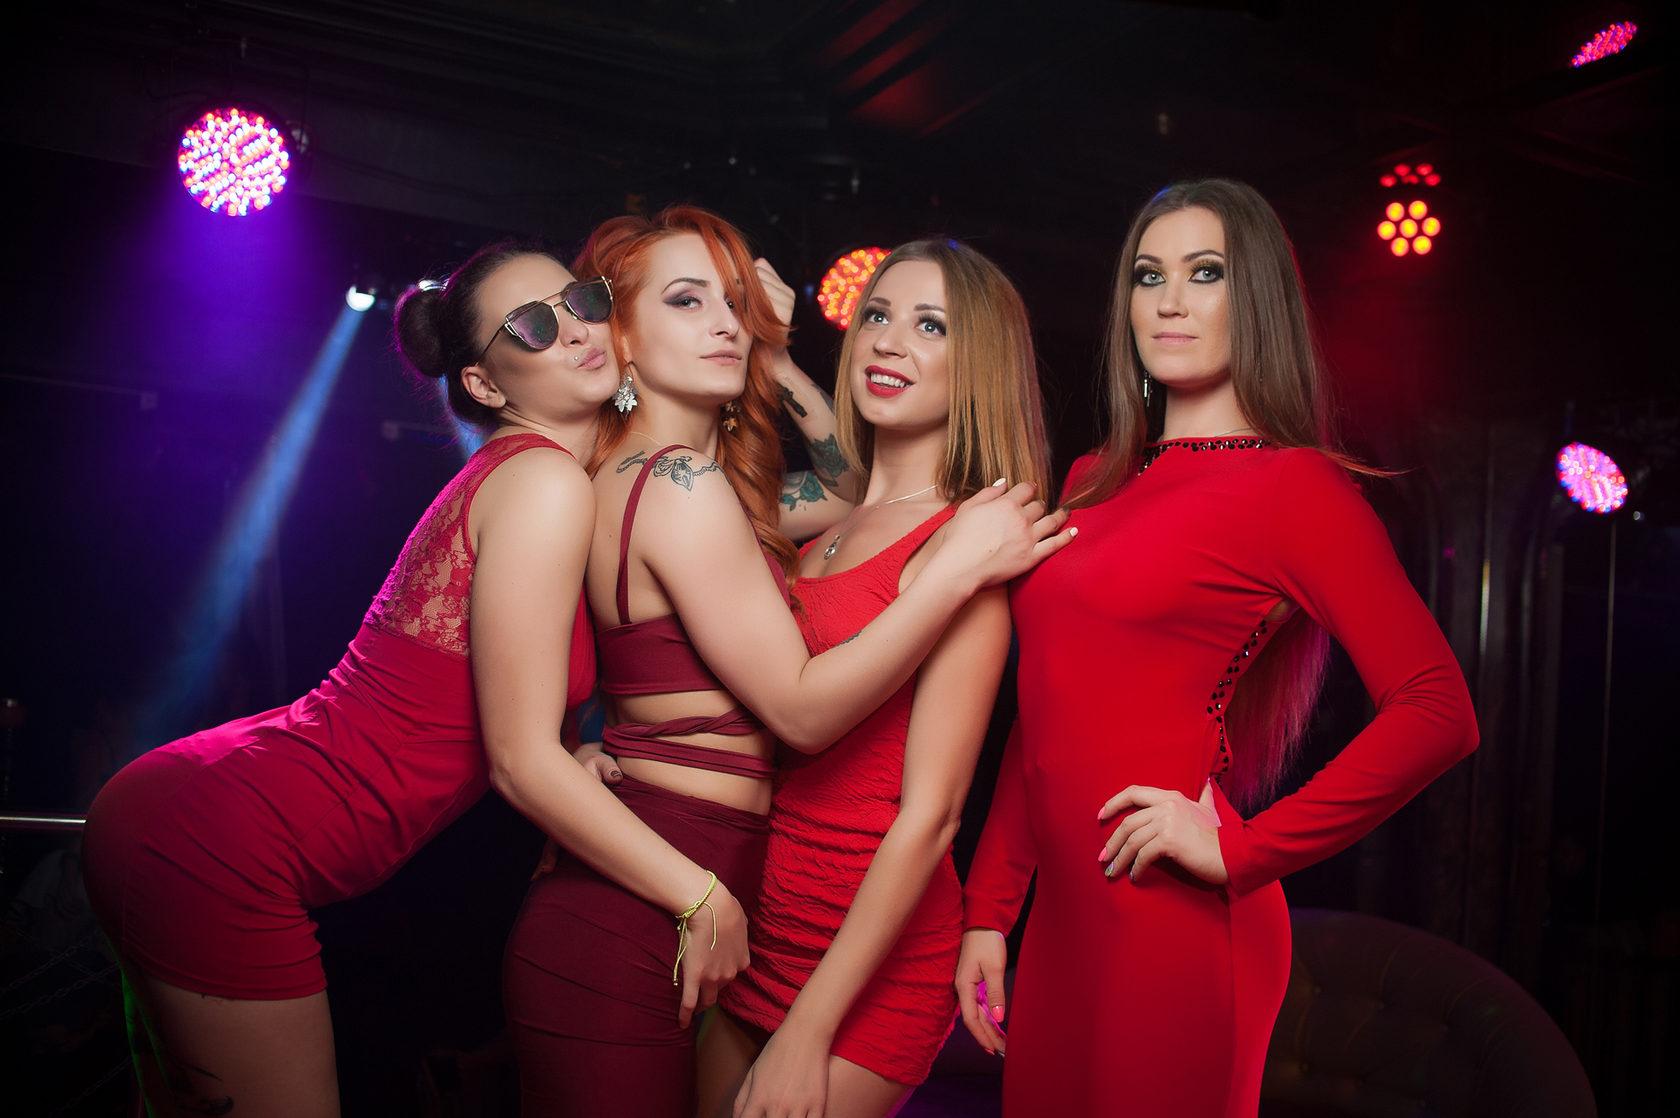 Работа для девушки в клубе москва вирт за деньги